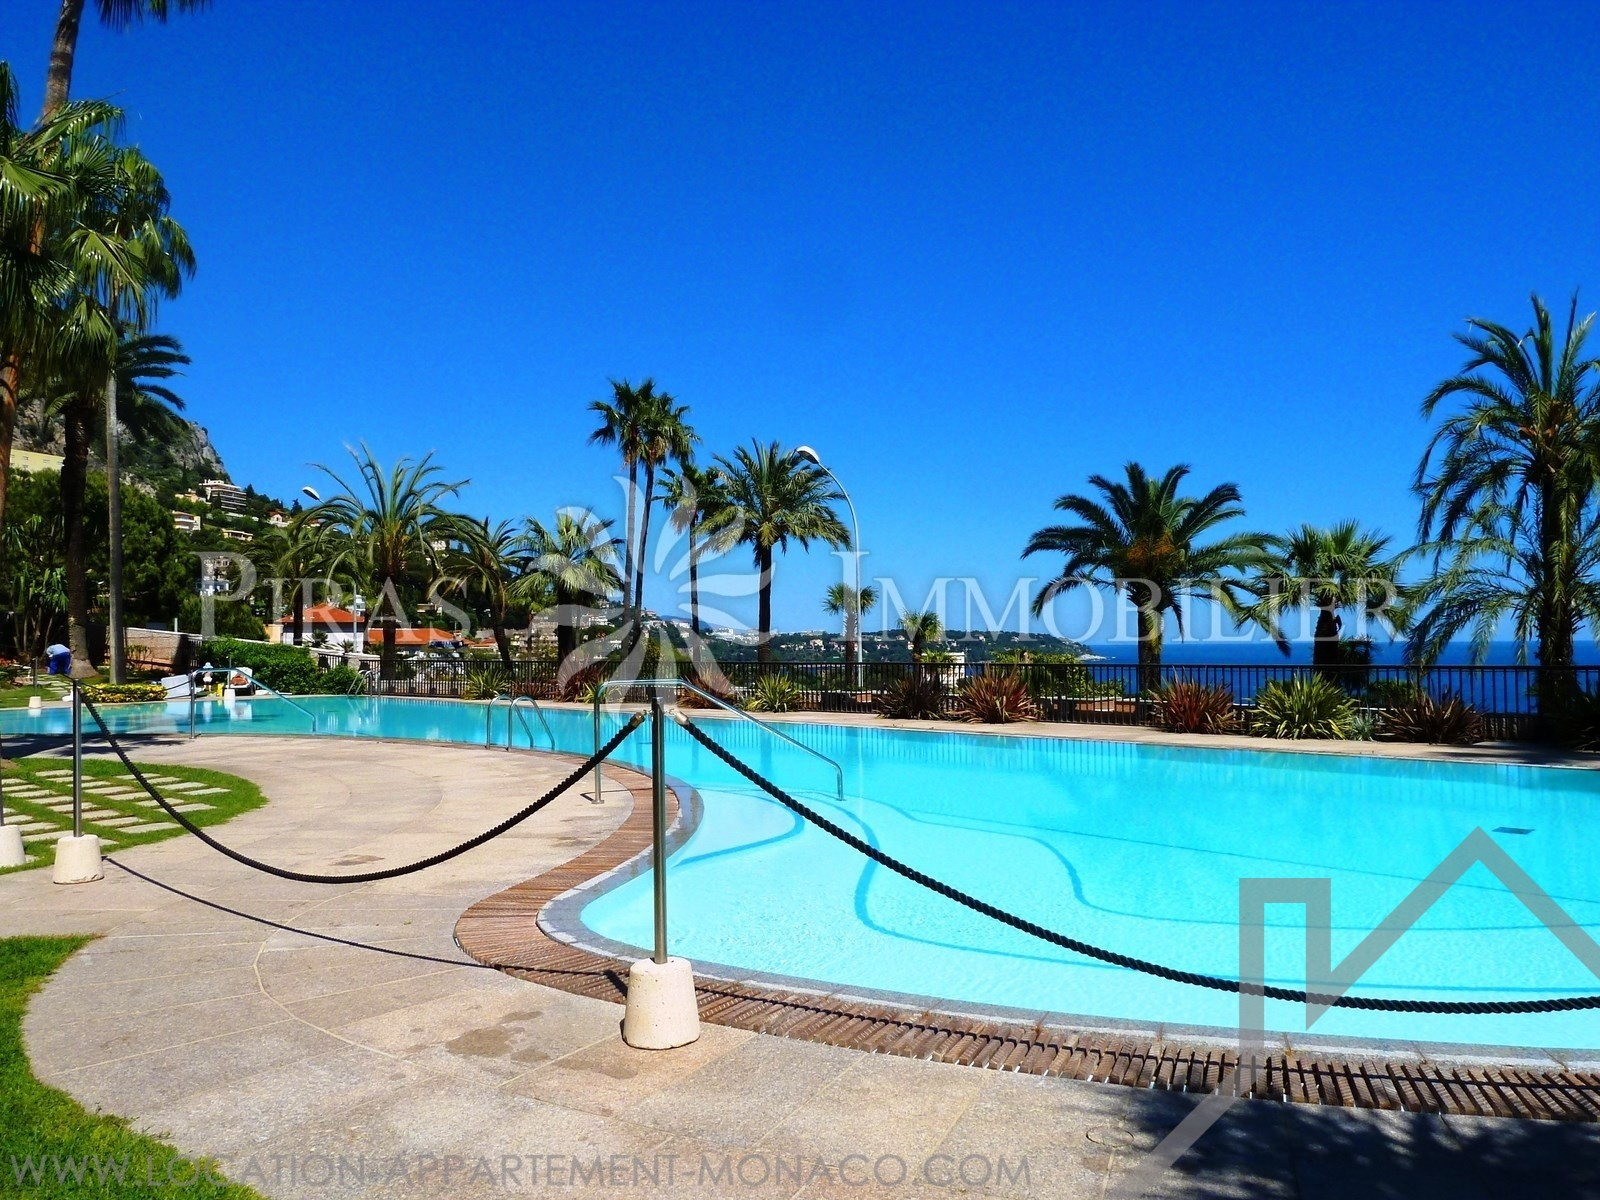 Parc saint roman appartement 4p neuf piscine for Appartement piscine